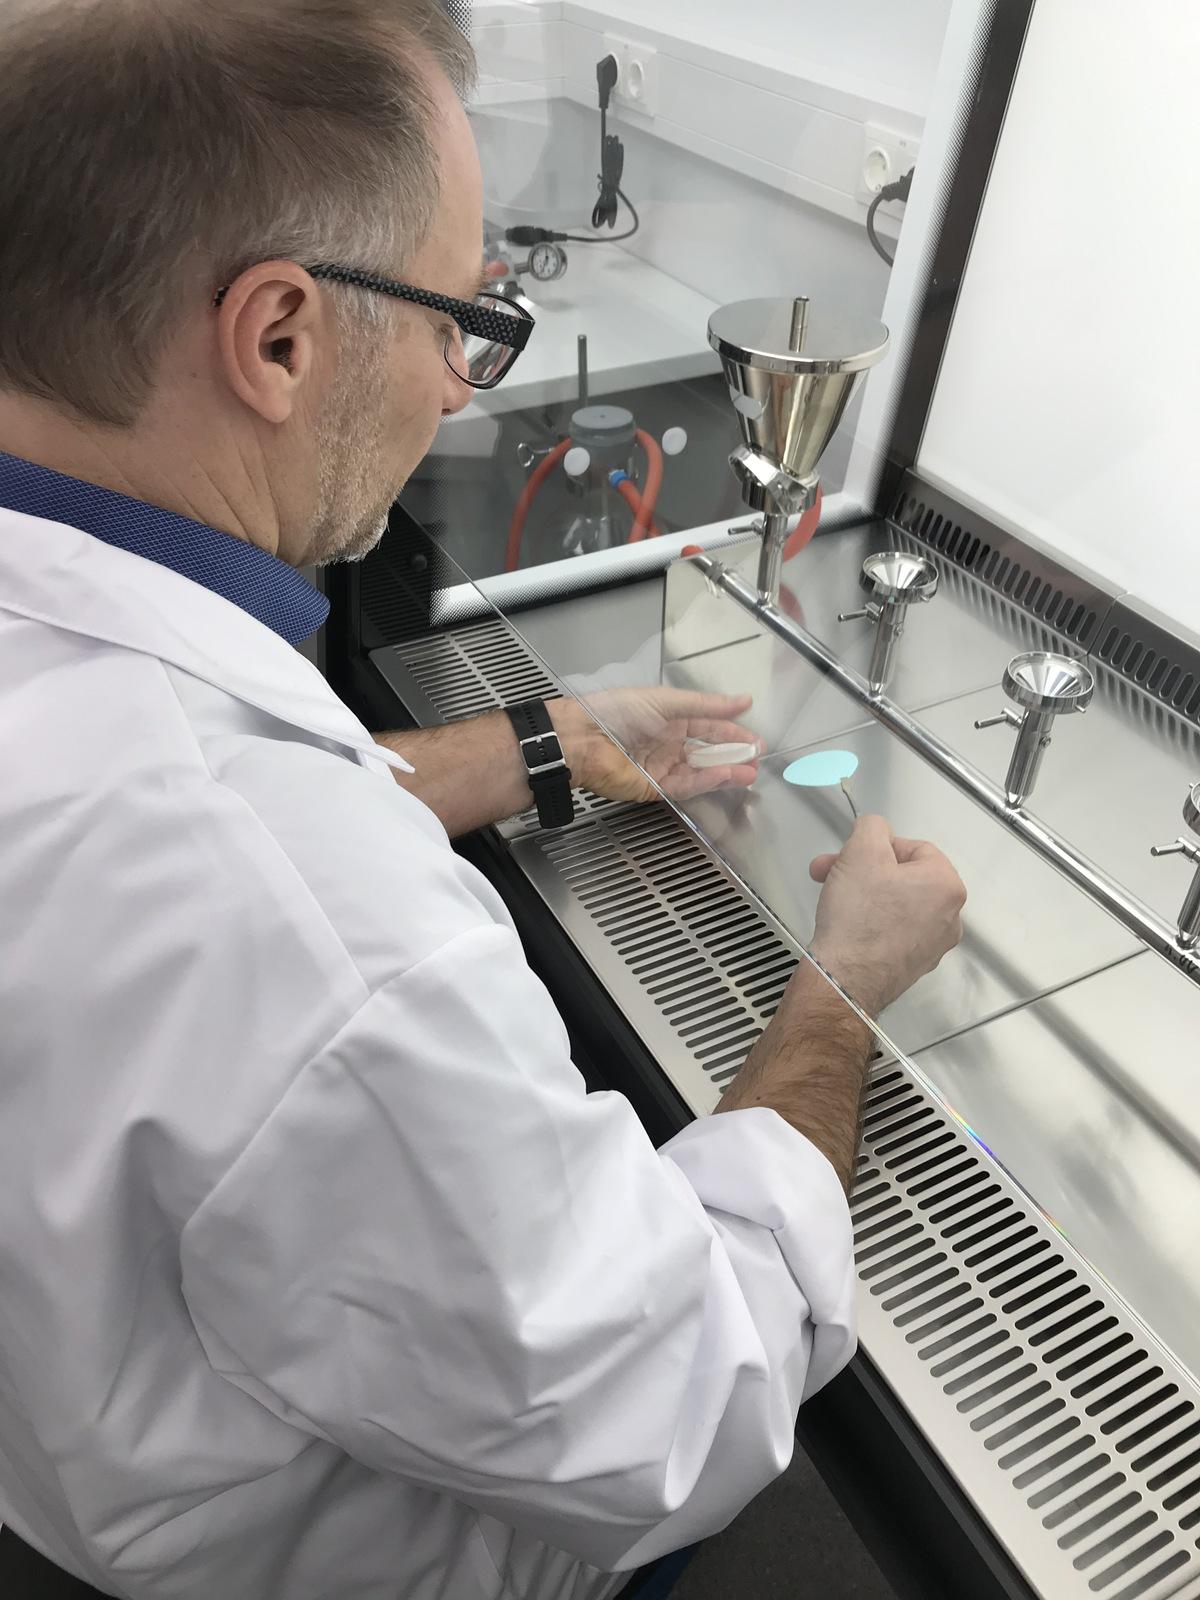 Wasser Analyselabor Aqua Alpina Bei Der Arbeit